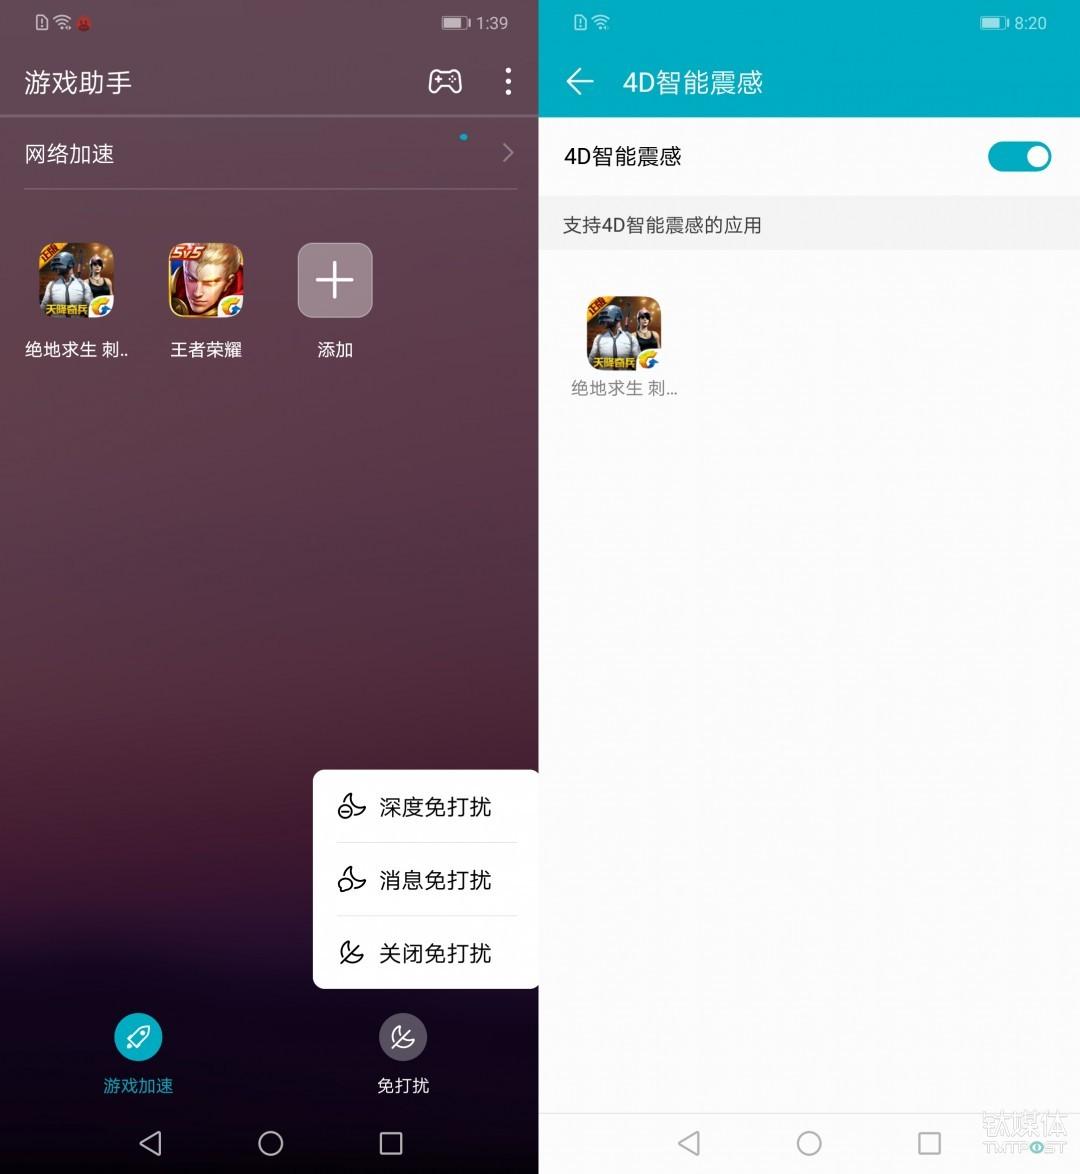 游戏助手加入4D智能震感功能